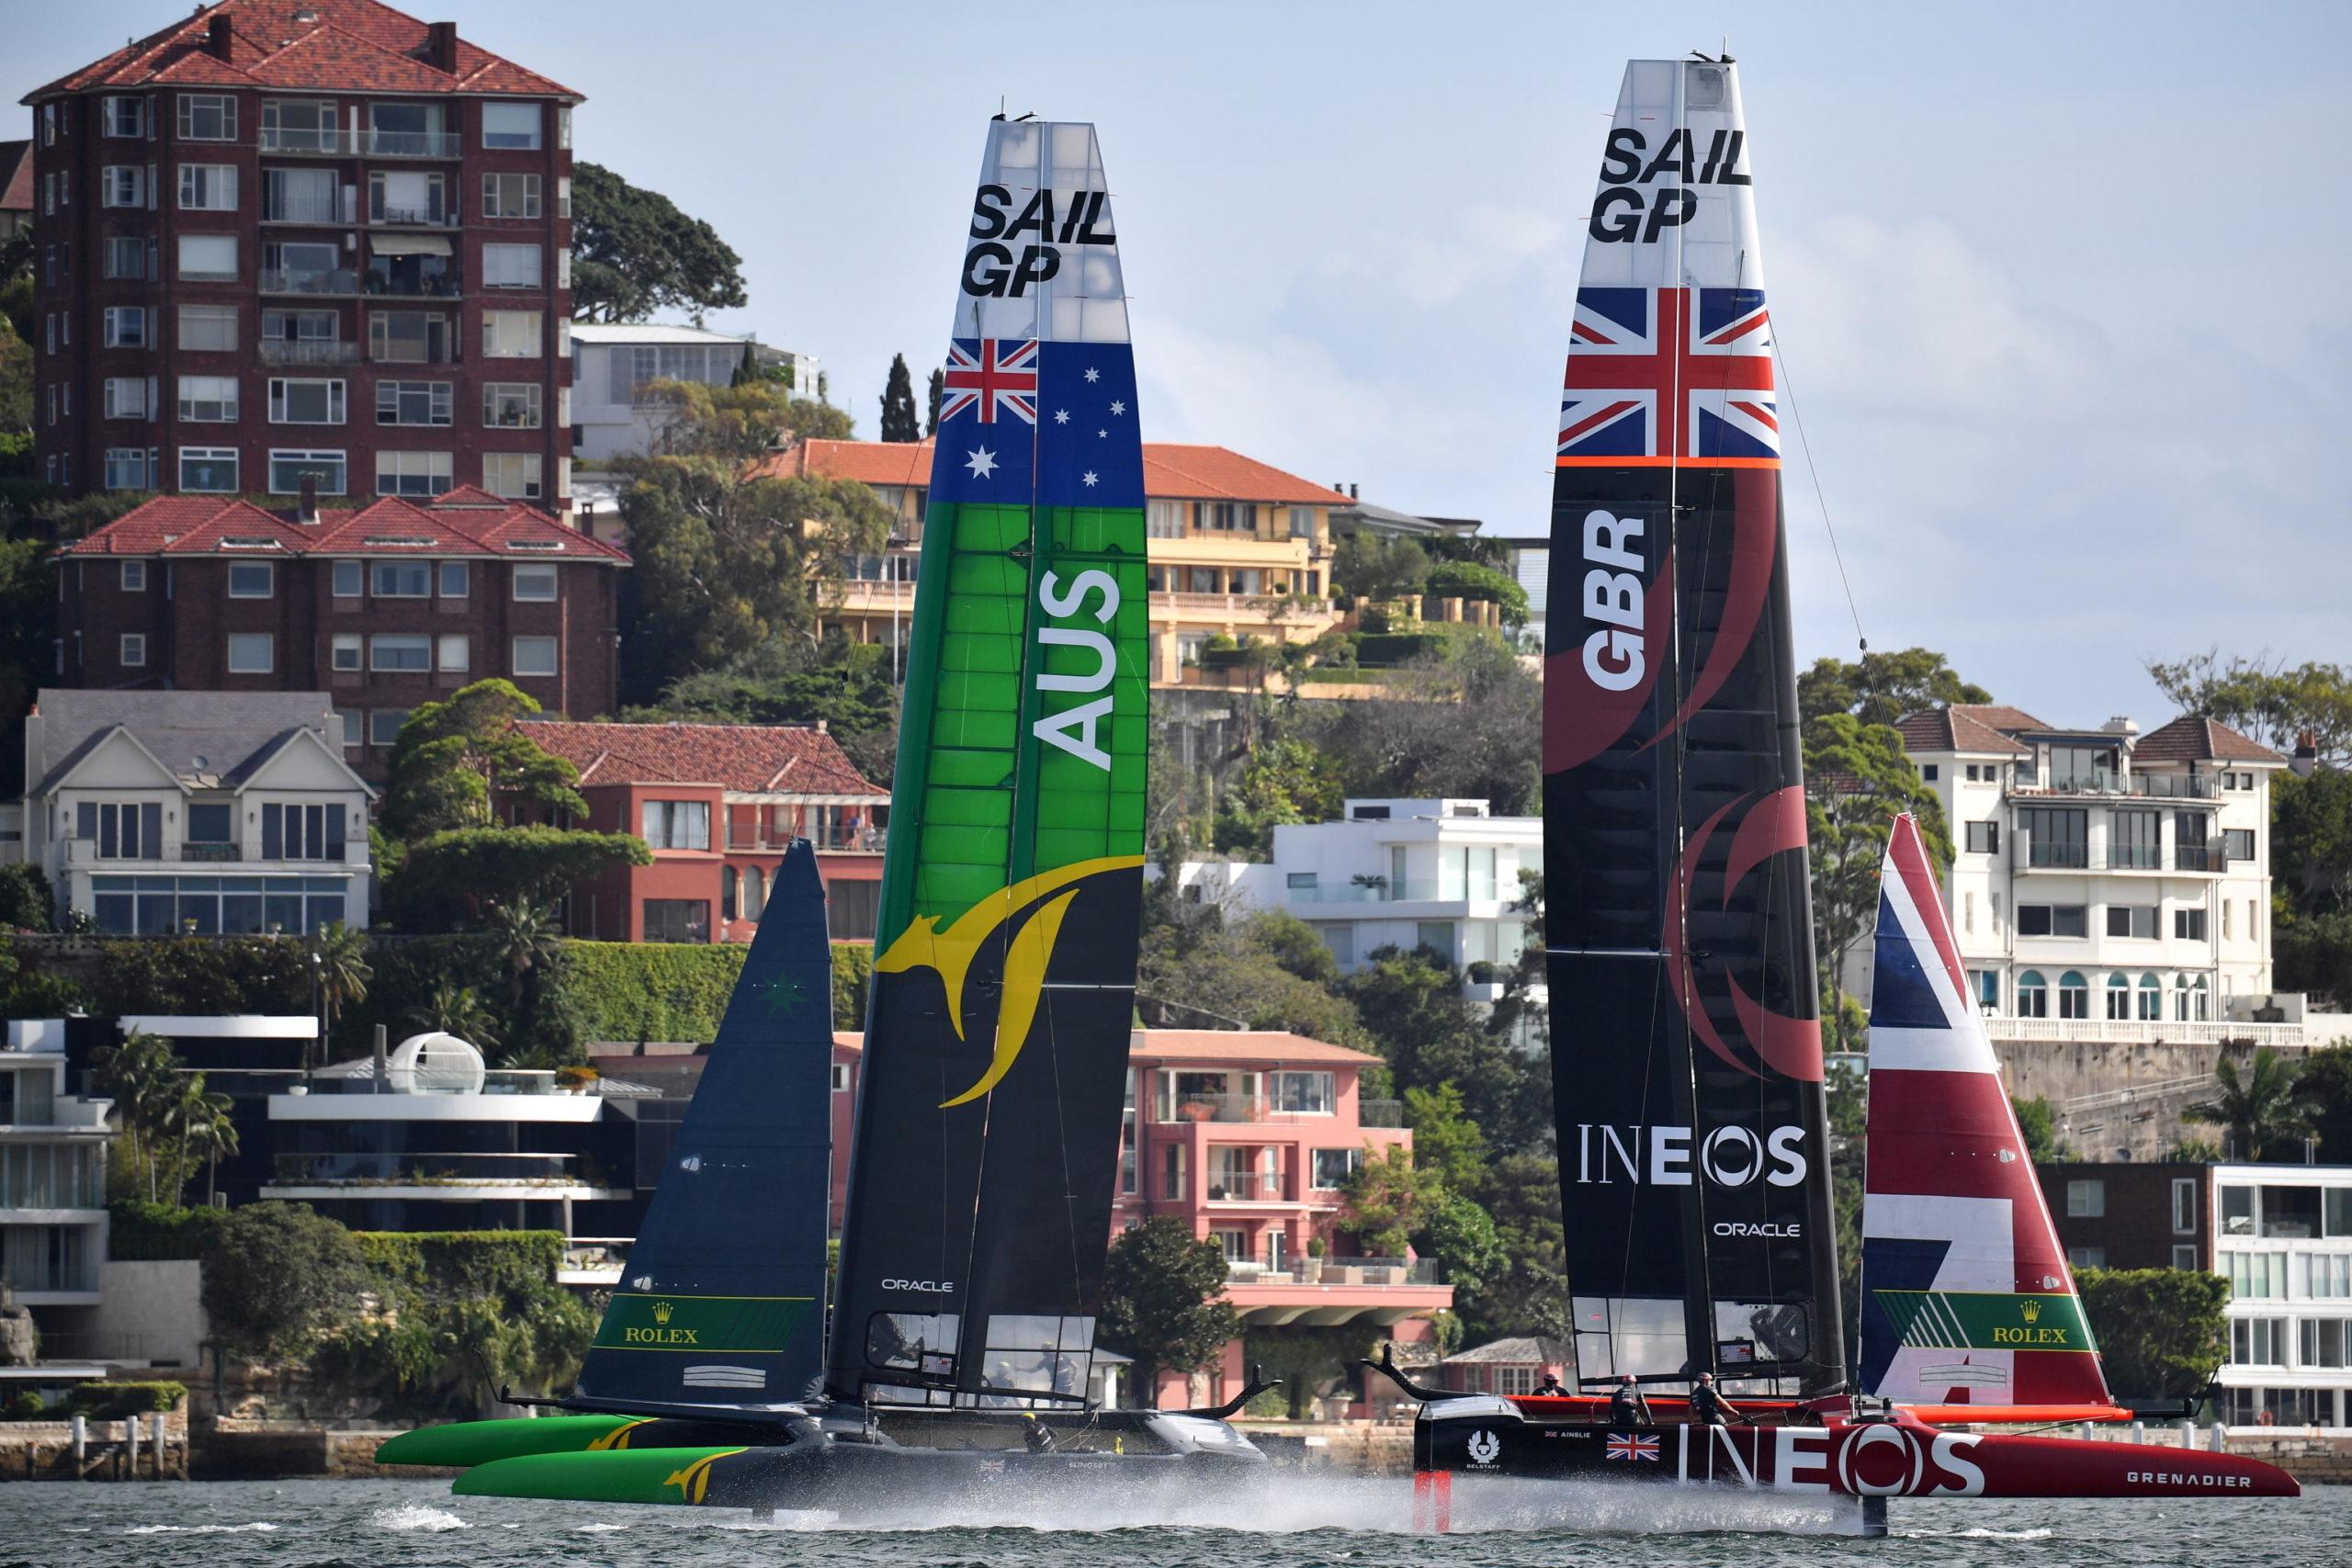 Un'immagine dei Team Australia e Gran Bretagna durante la competizione. Quano non c'è vento i catamarani non volano, ma restano piantati sull'acqua